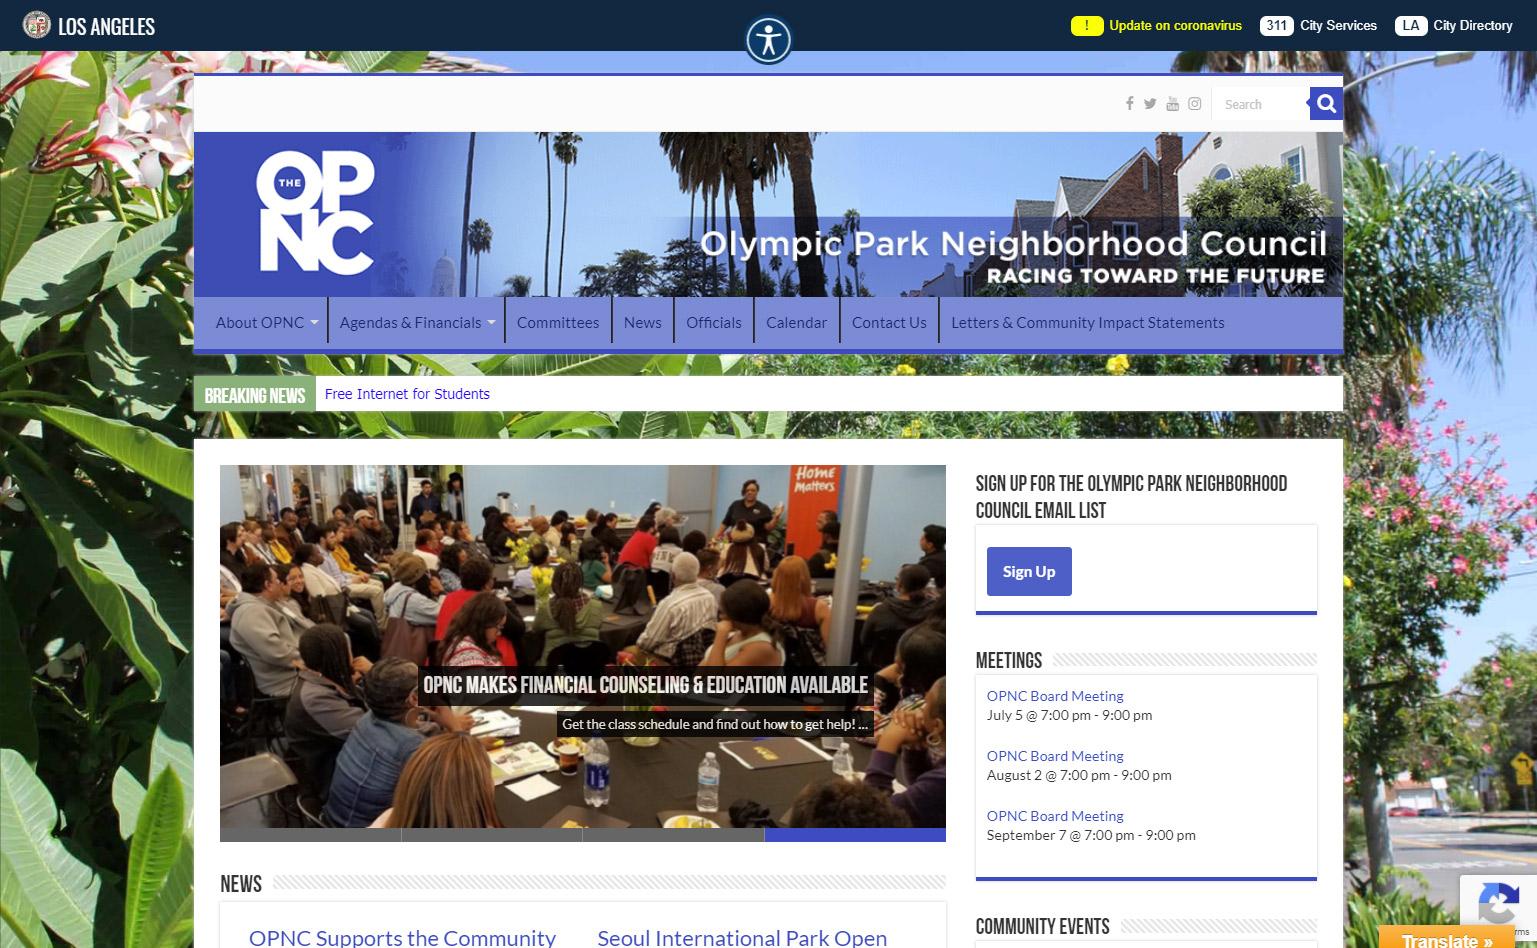 Olympic Park Neighborhood Council Website